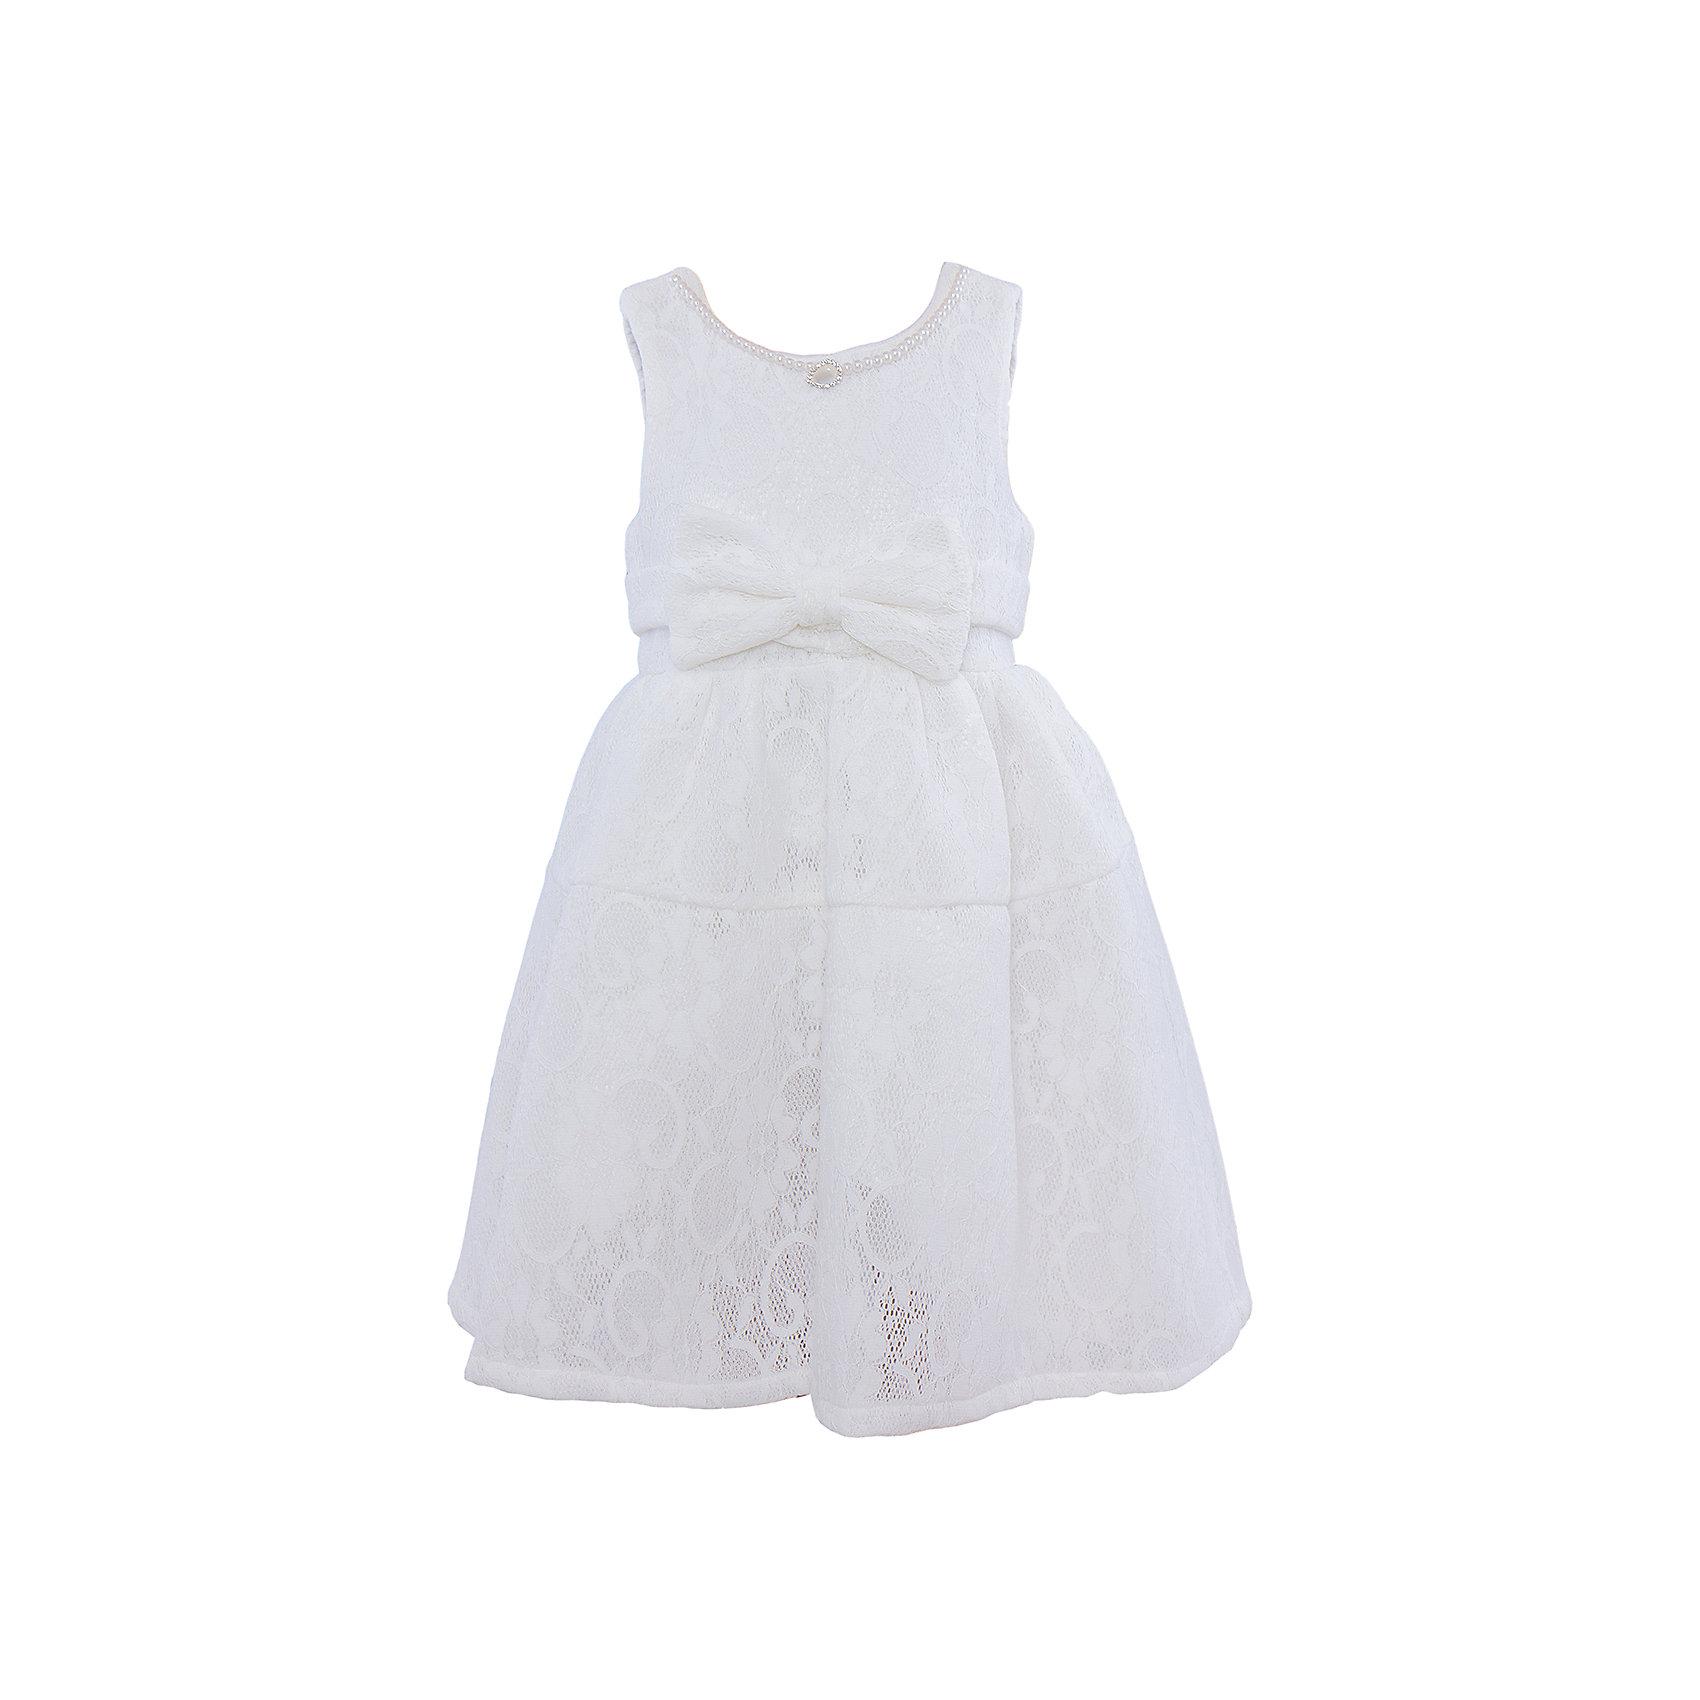 Нарядное платье для девочки Sweet BerryХарактеристики:<br><br>• Вид одежды: платье<br>• Предназначение: для праздника, торжеств<br>• Сезон: круглый год<br>• Материал: верх – 100% полиэстер; подкладка – 100% хлопок<br>• Цвет: белый<br>• Силуэт: классический А-силуэт<br>• Длина платья: миди<br>• Вырез горловины: круглый<br>• Горловина декорирована бусинами и кулоном<br>• Наличие объемного пояса с декоративным бантом<br>• Застежка: молния на спинке<br>• Особенности ухода: ручная стирка без применения отбеливающих средств, глажение при низкой температуре <br><br>Sweet Berry – это производитель, который сочетает в своей одежде функциональность, качество, стиль и следование современным мировым тенденциям в детской текстильной индустрии. <br>Платье для девочки от знаменитого производителя детской одежды Sweet Berry выполнено из полиэстера с хлопковым подкладкой. Изделие имеет классический силуэт с отрезной талией и отрезной кокеткой у пышной юбки. Пышность юбке придает атласный подклад и подъюбник из сетки. Изделие выполнено из кружевной ткани белого цвета, декорировано объемным поясом с декоративным бантом. Горловина оформлена бусинами в форме жемчужин и кулоном в форме капли. Праздничное платье от Sweet Berry – это залог успеха вашего ребенка на любом торжестве!<br><br>Платье для девочки Sweet Berry можно купить в нашем интернет-магазине.<br><br>Ширина мм: 236<br>Глубина мм: 16<br>Высота мм: 184<br>Вес г: 177<br>Цвет: белый<br>Возраст от месяцев: 36<br>Возраст до месяцев: 48<br>Пол: Женский<br>Возраст: Детский<br>Размер: 104,98,110,116,122,128<br>SKU: 5052084